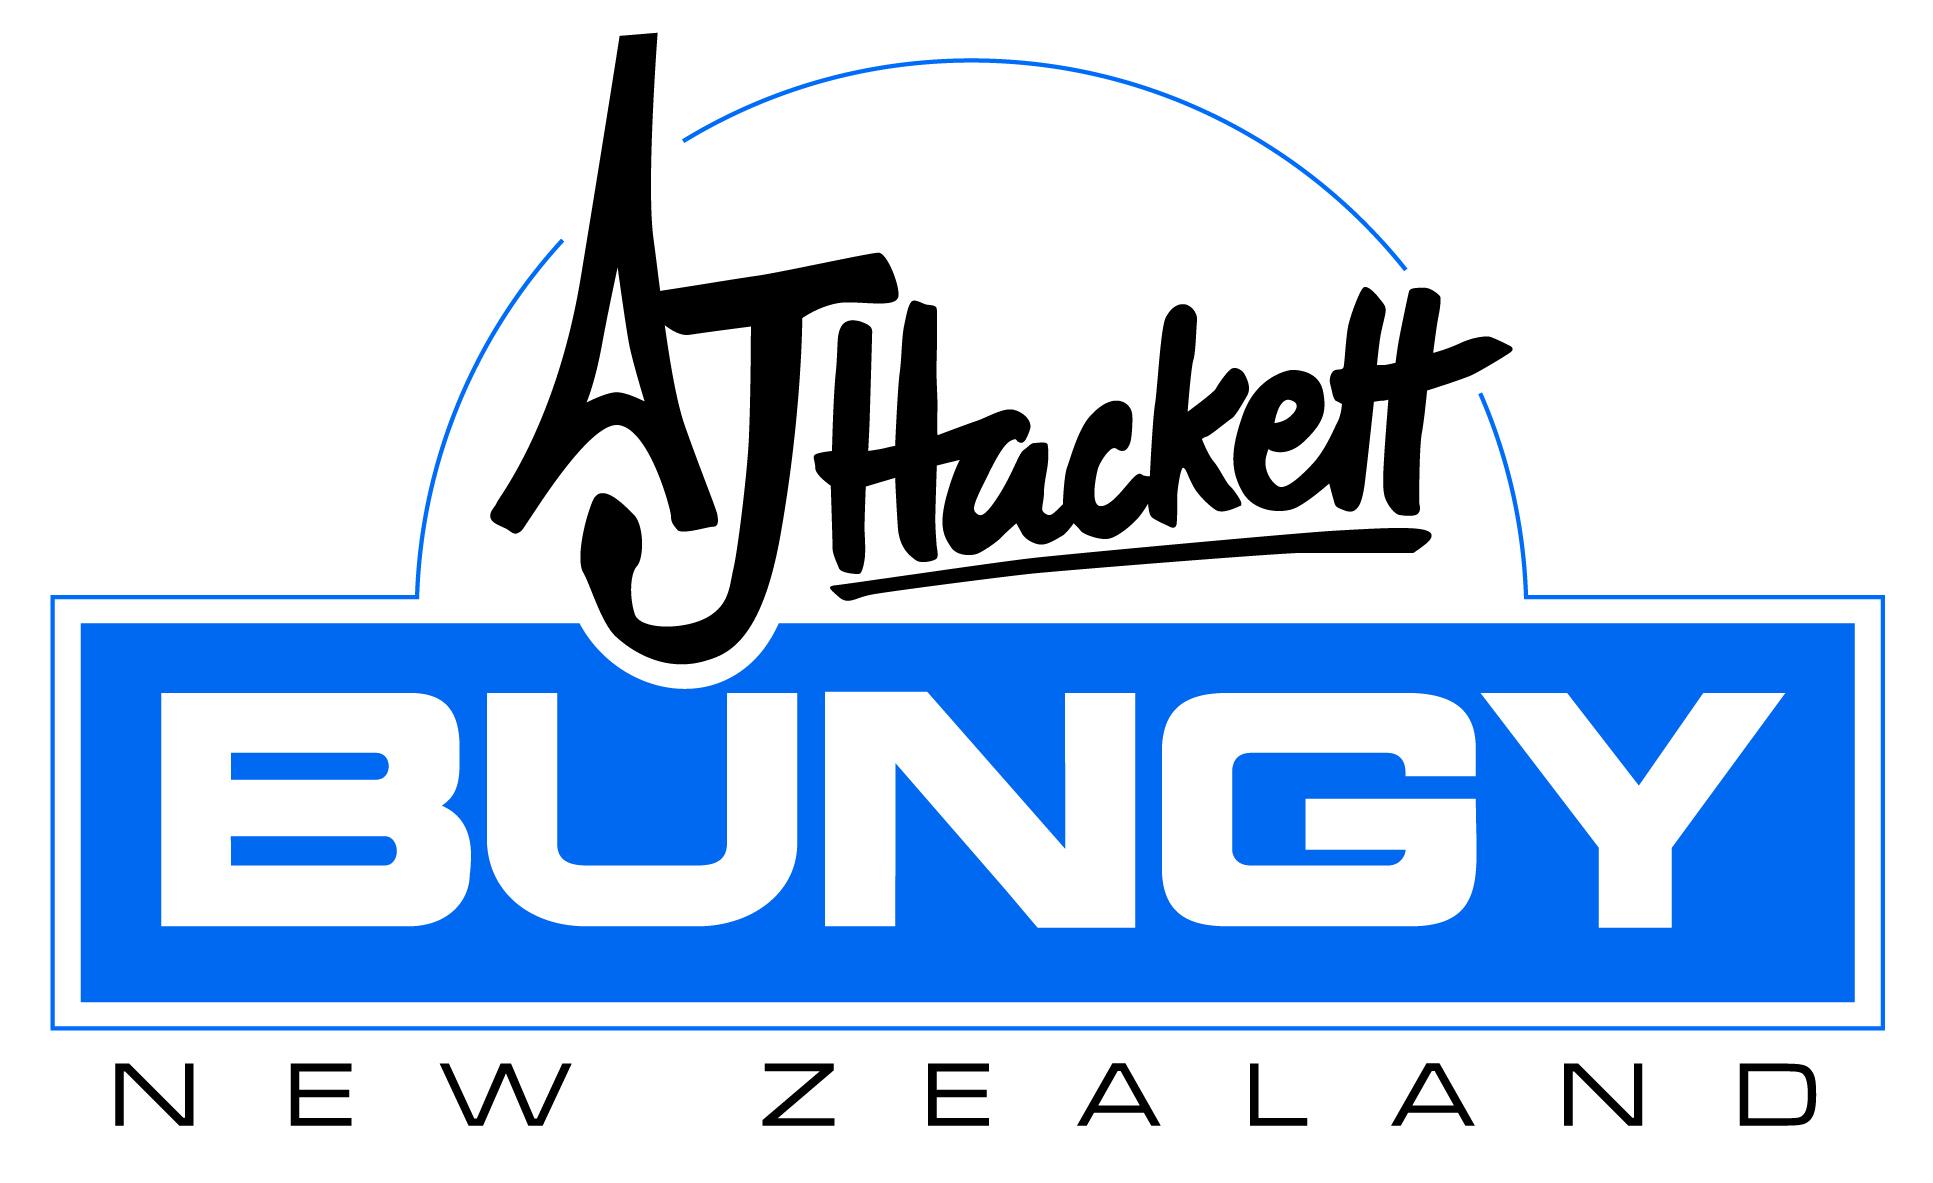 AJ Hackett Logo